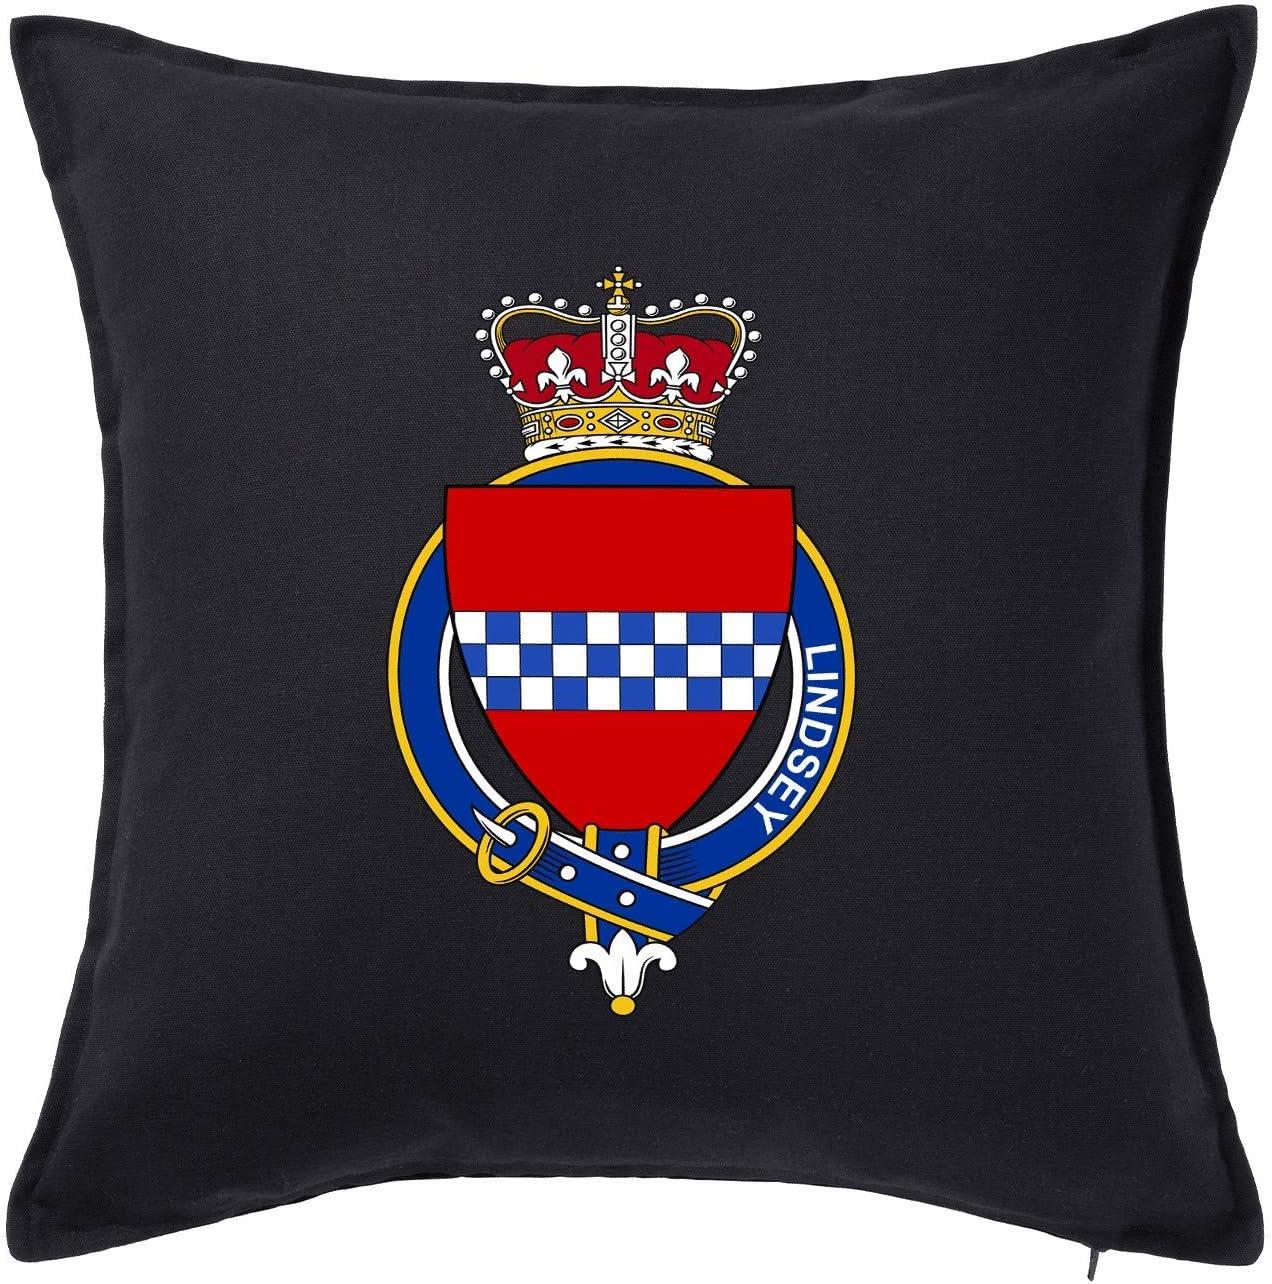 HARD EDGE DESIGN Scottish Garter Family Lindsey Throw Pillow Cover